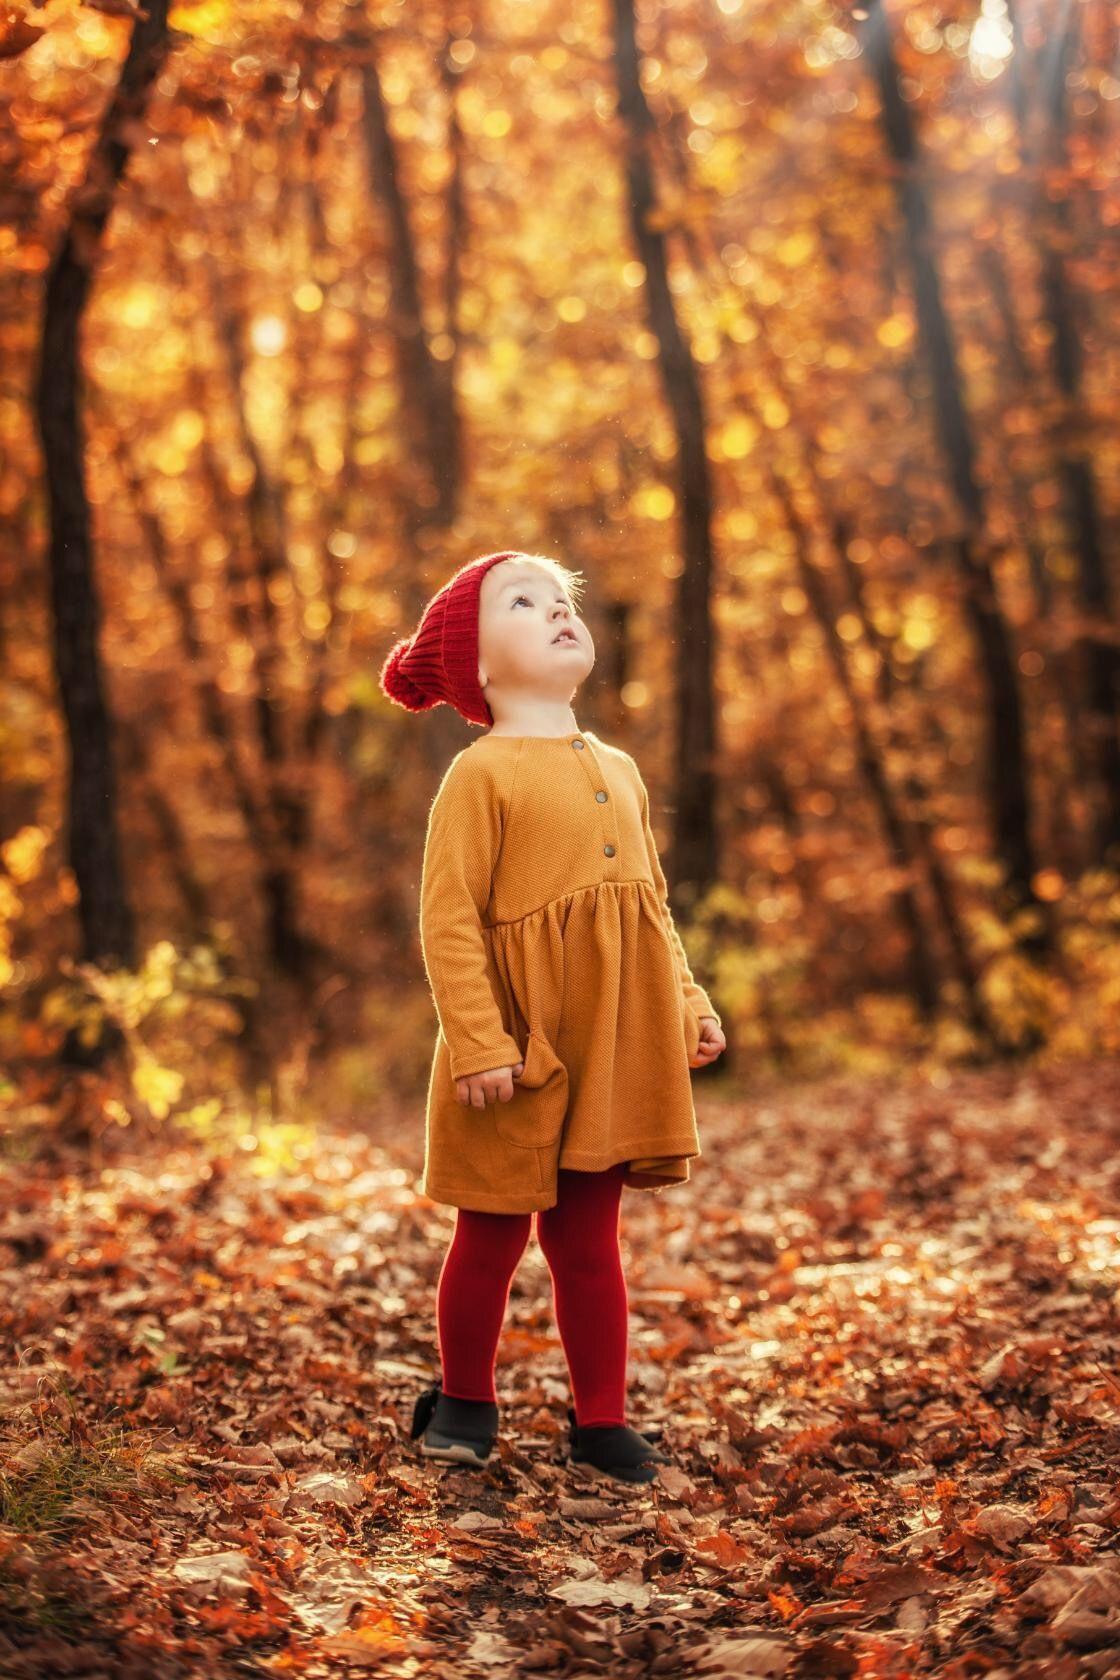 В осеннем лесу   Осенние семейные фотографии, Осенние фото ...